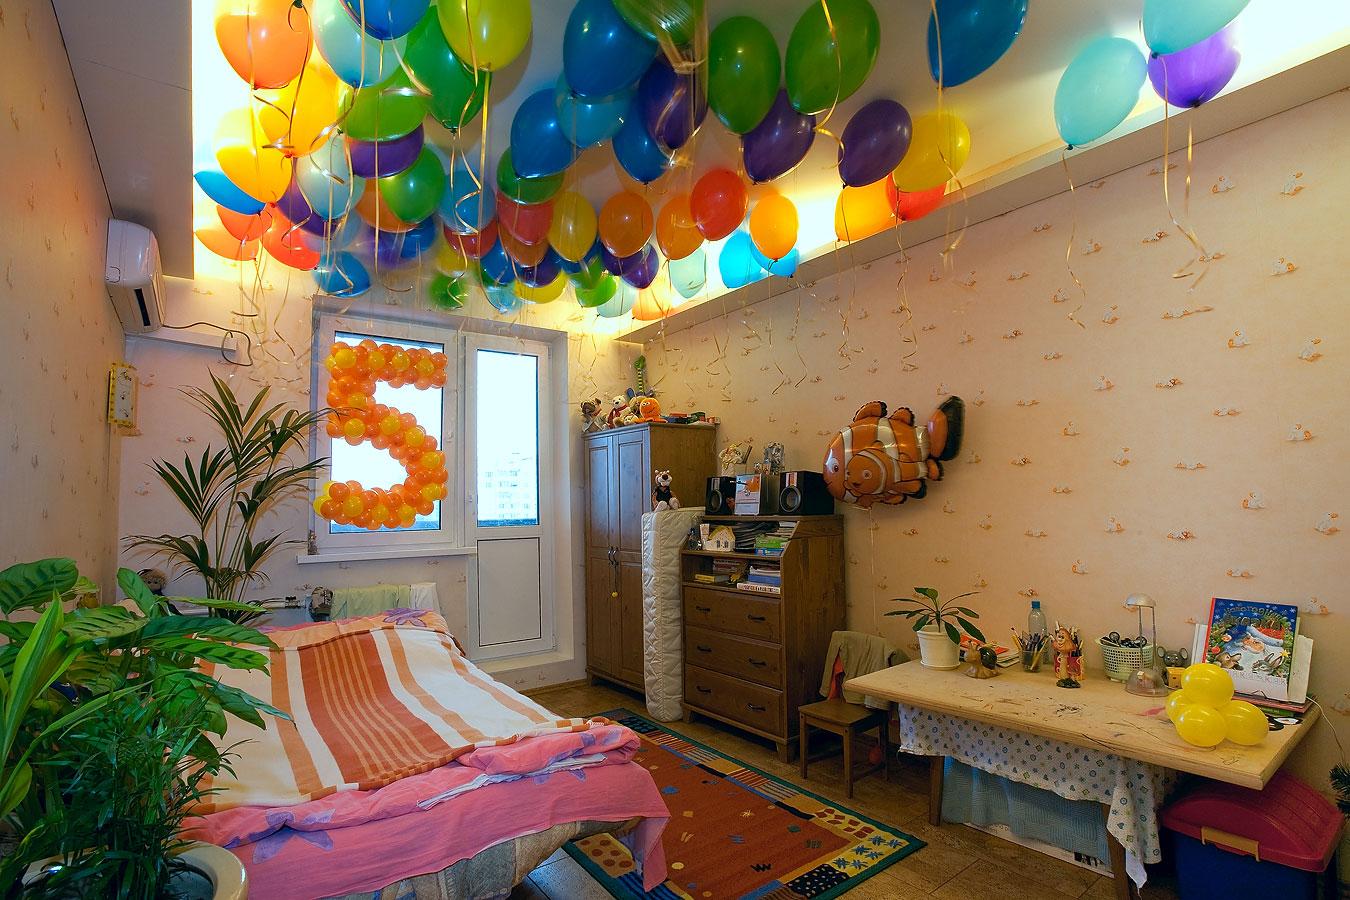 Украшаем комнату на день рождения ребенка своими руками. Фото 81